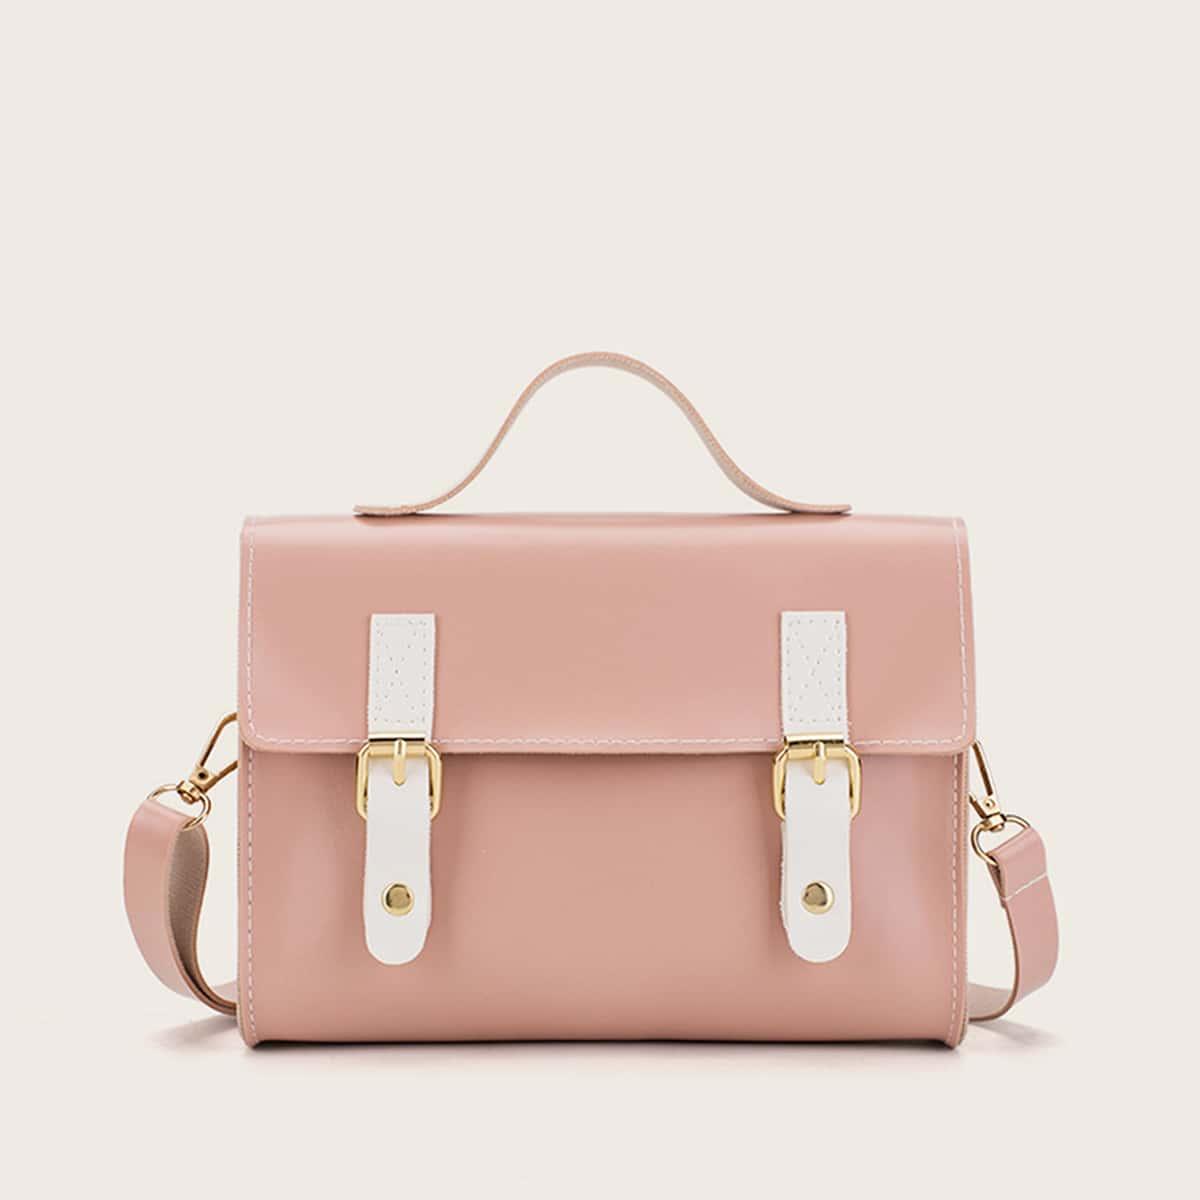 Satchel tas met gesp voor meisjes